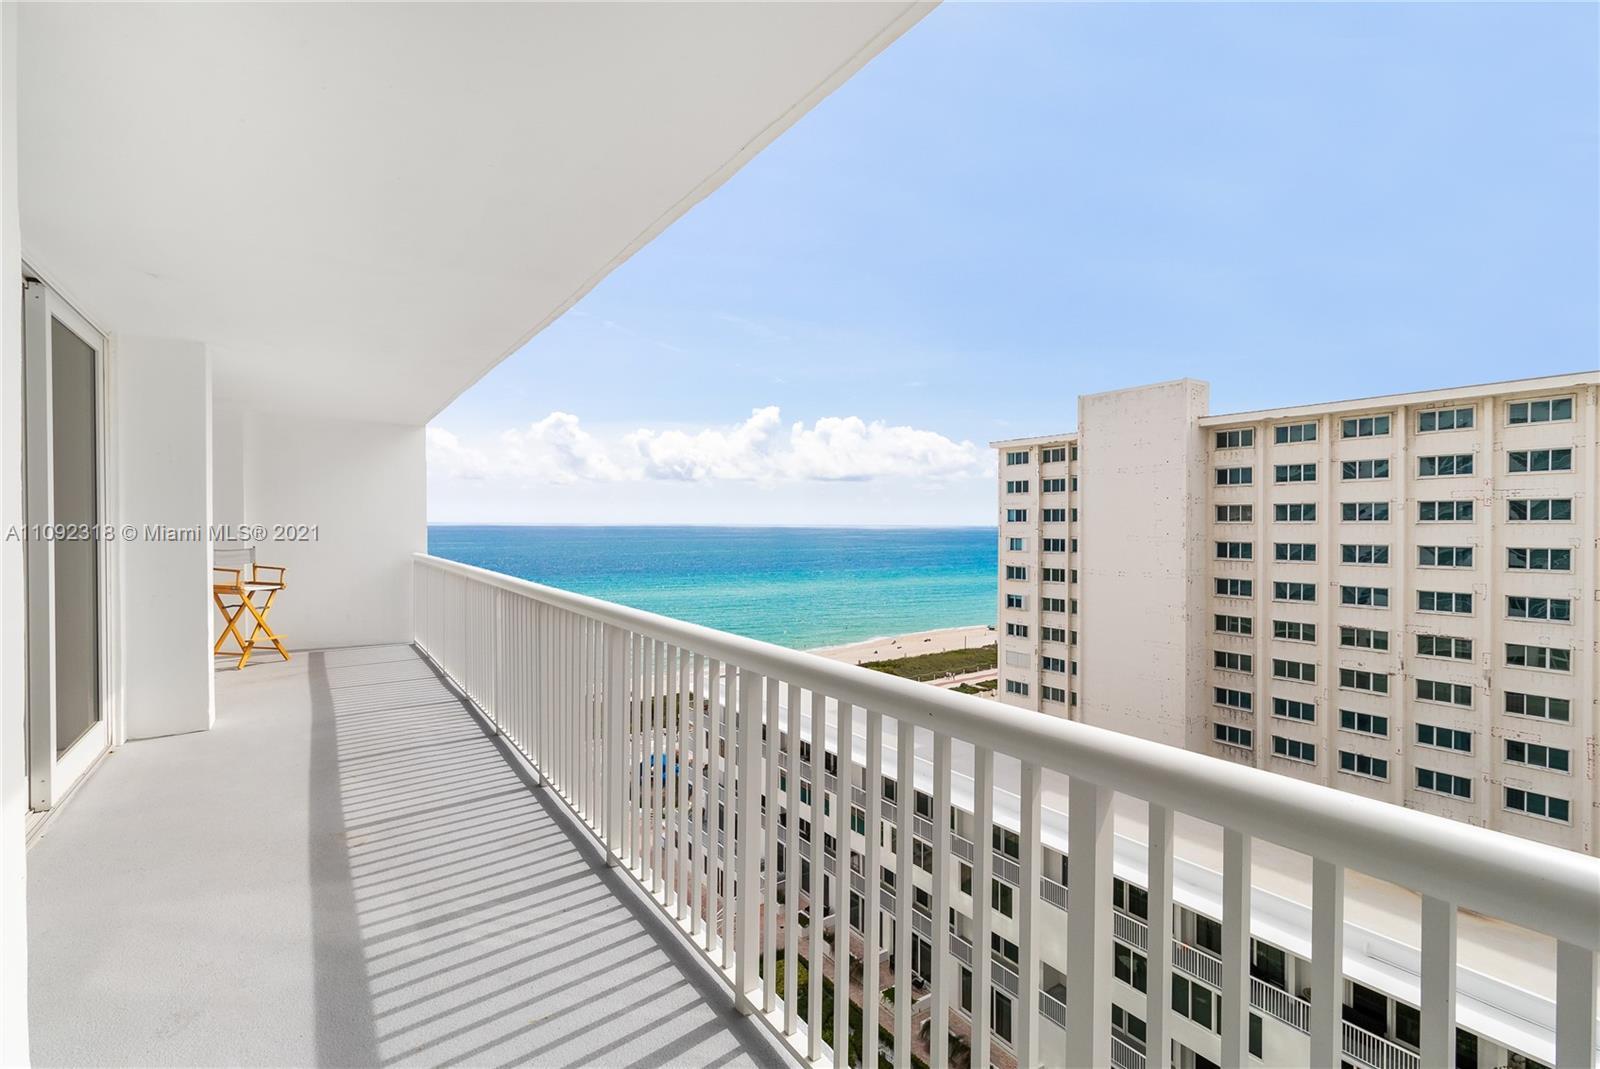 5401 Collins Ave Unit 1016, Miami Beach, Florida 33140